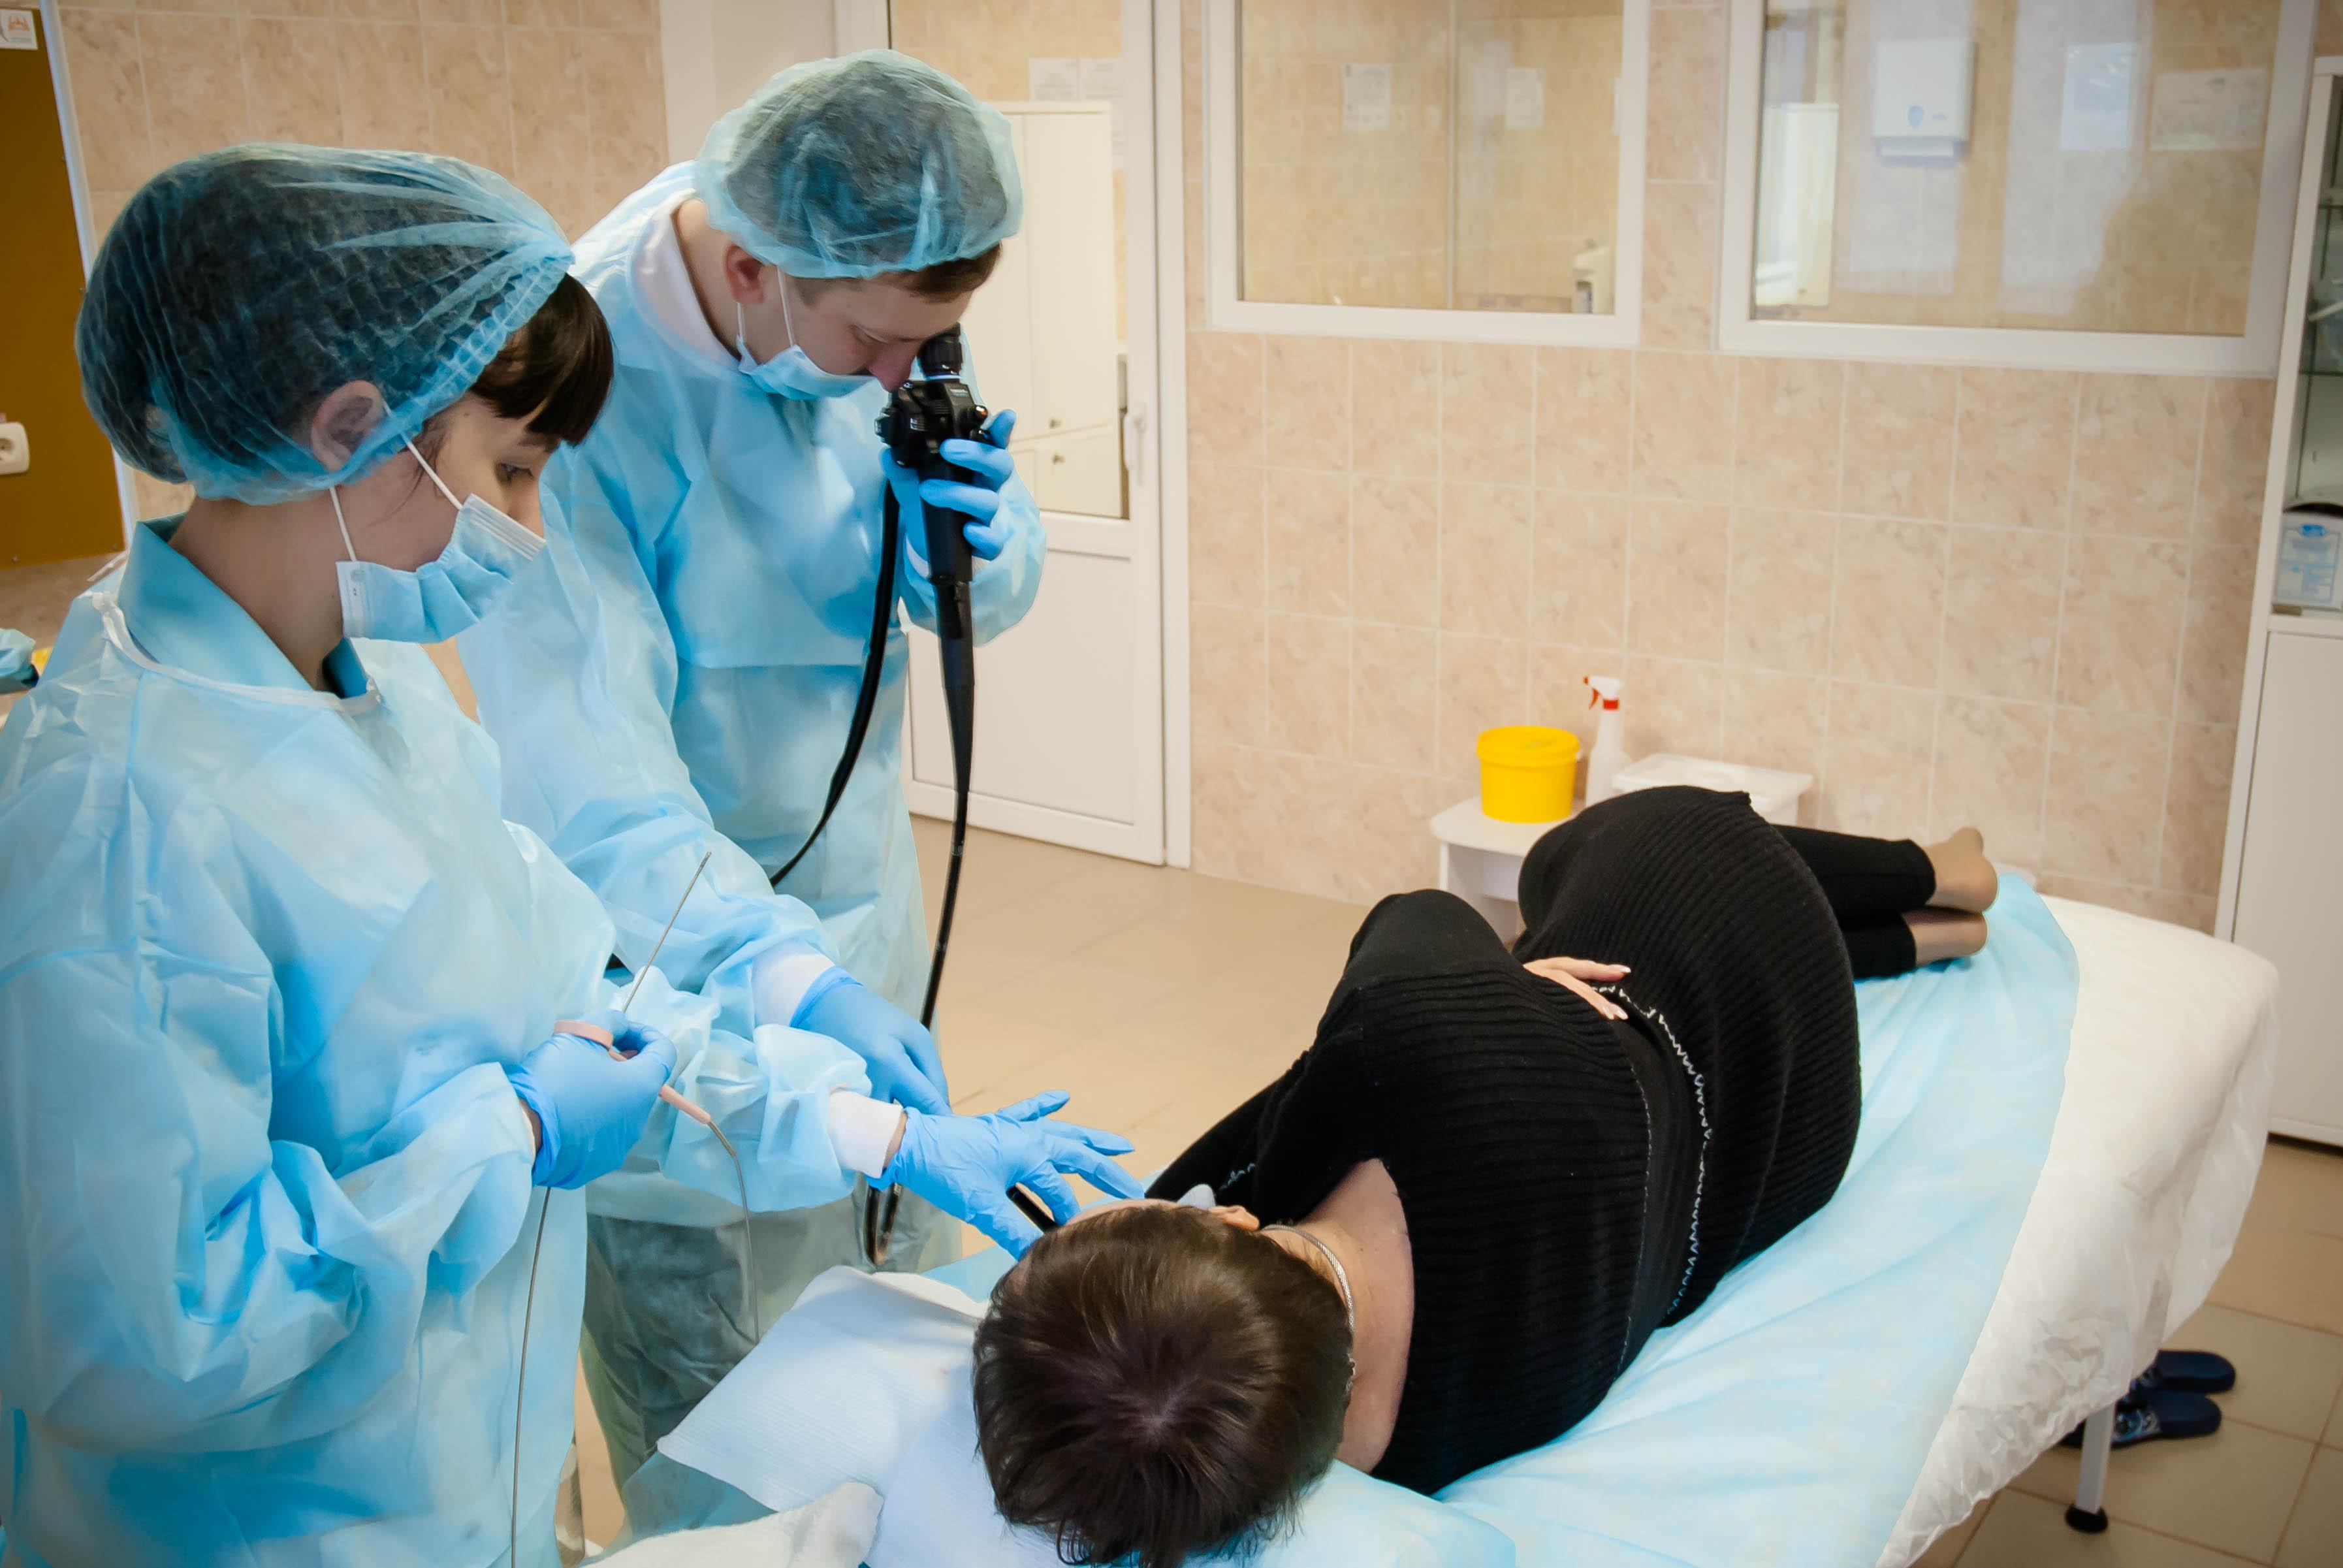 Подготовка к фгдс: несколько важных рекомендаций по поводу обследования, если процедура гастроскопии назначена взрослому пациенту в первой или второй половине дня